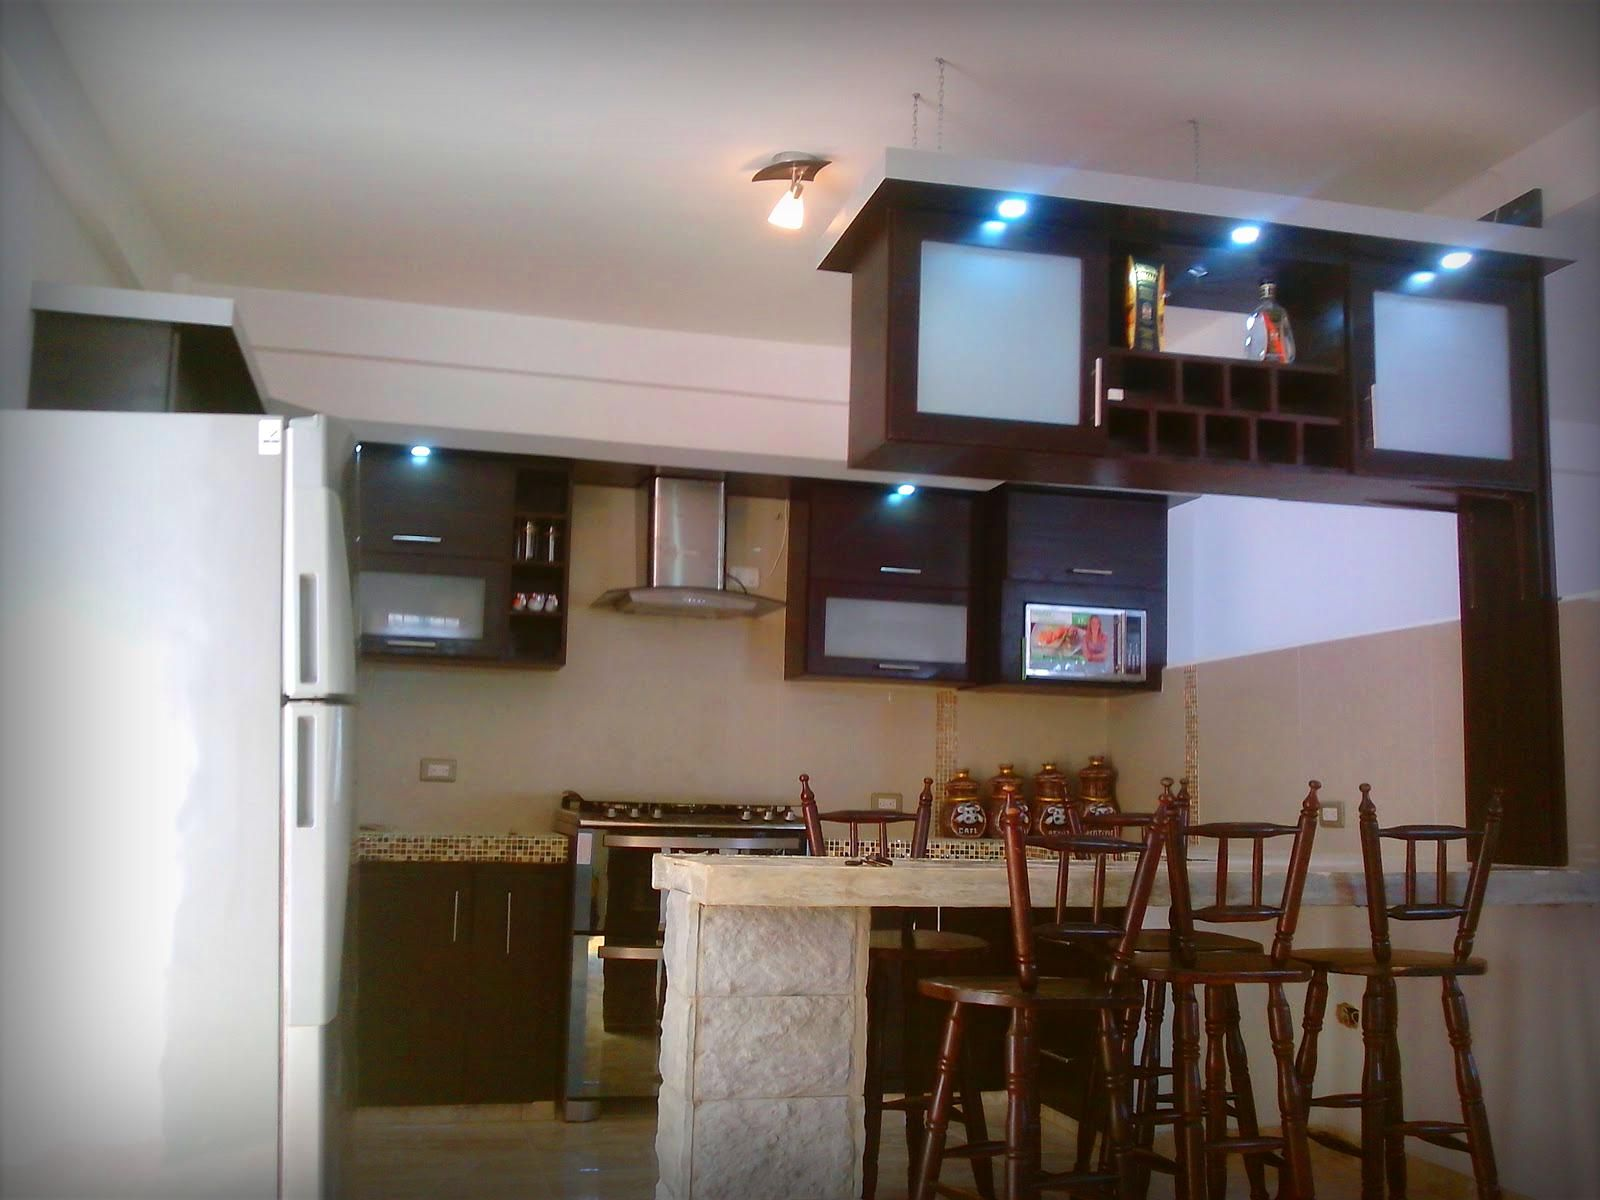 Vinera personalizada para tu mueble de cocina vineras - Muebles para bar ...